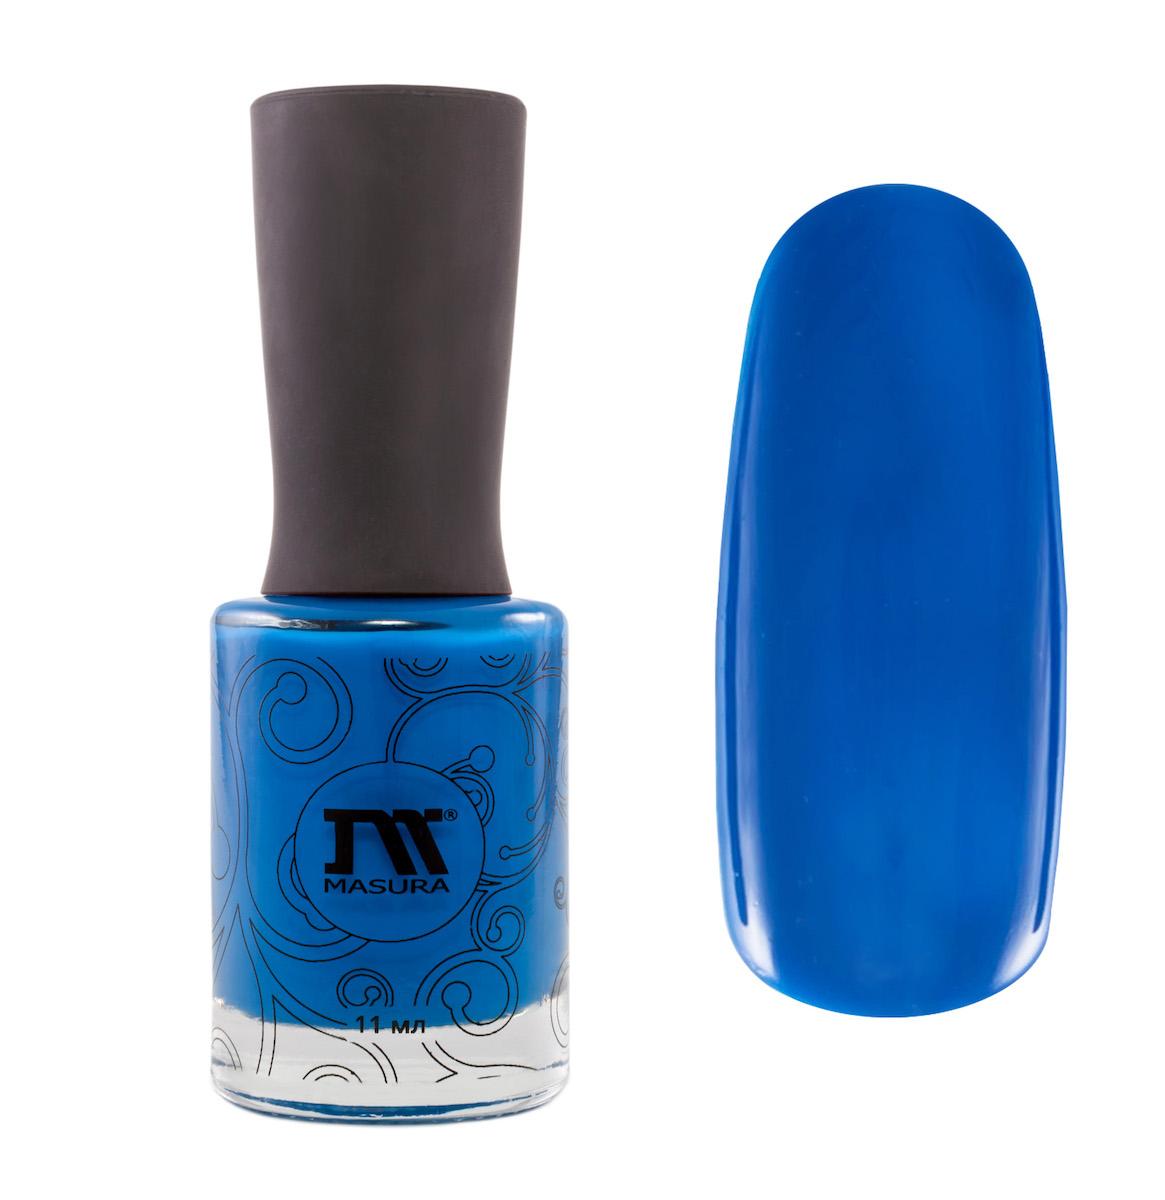 Masura Лак для ногтей В Активном Поиске, 11 млRA-синий джинсовый, эмалевый